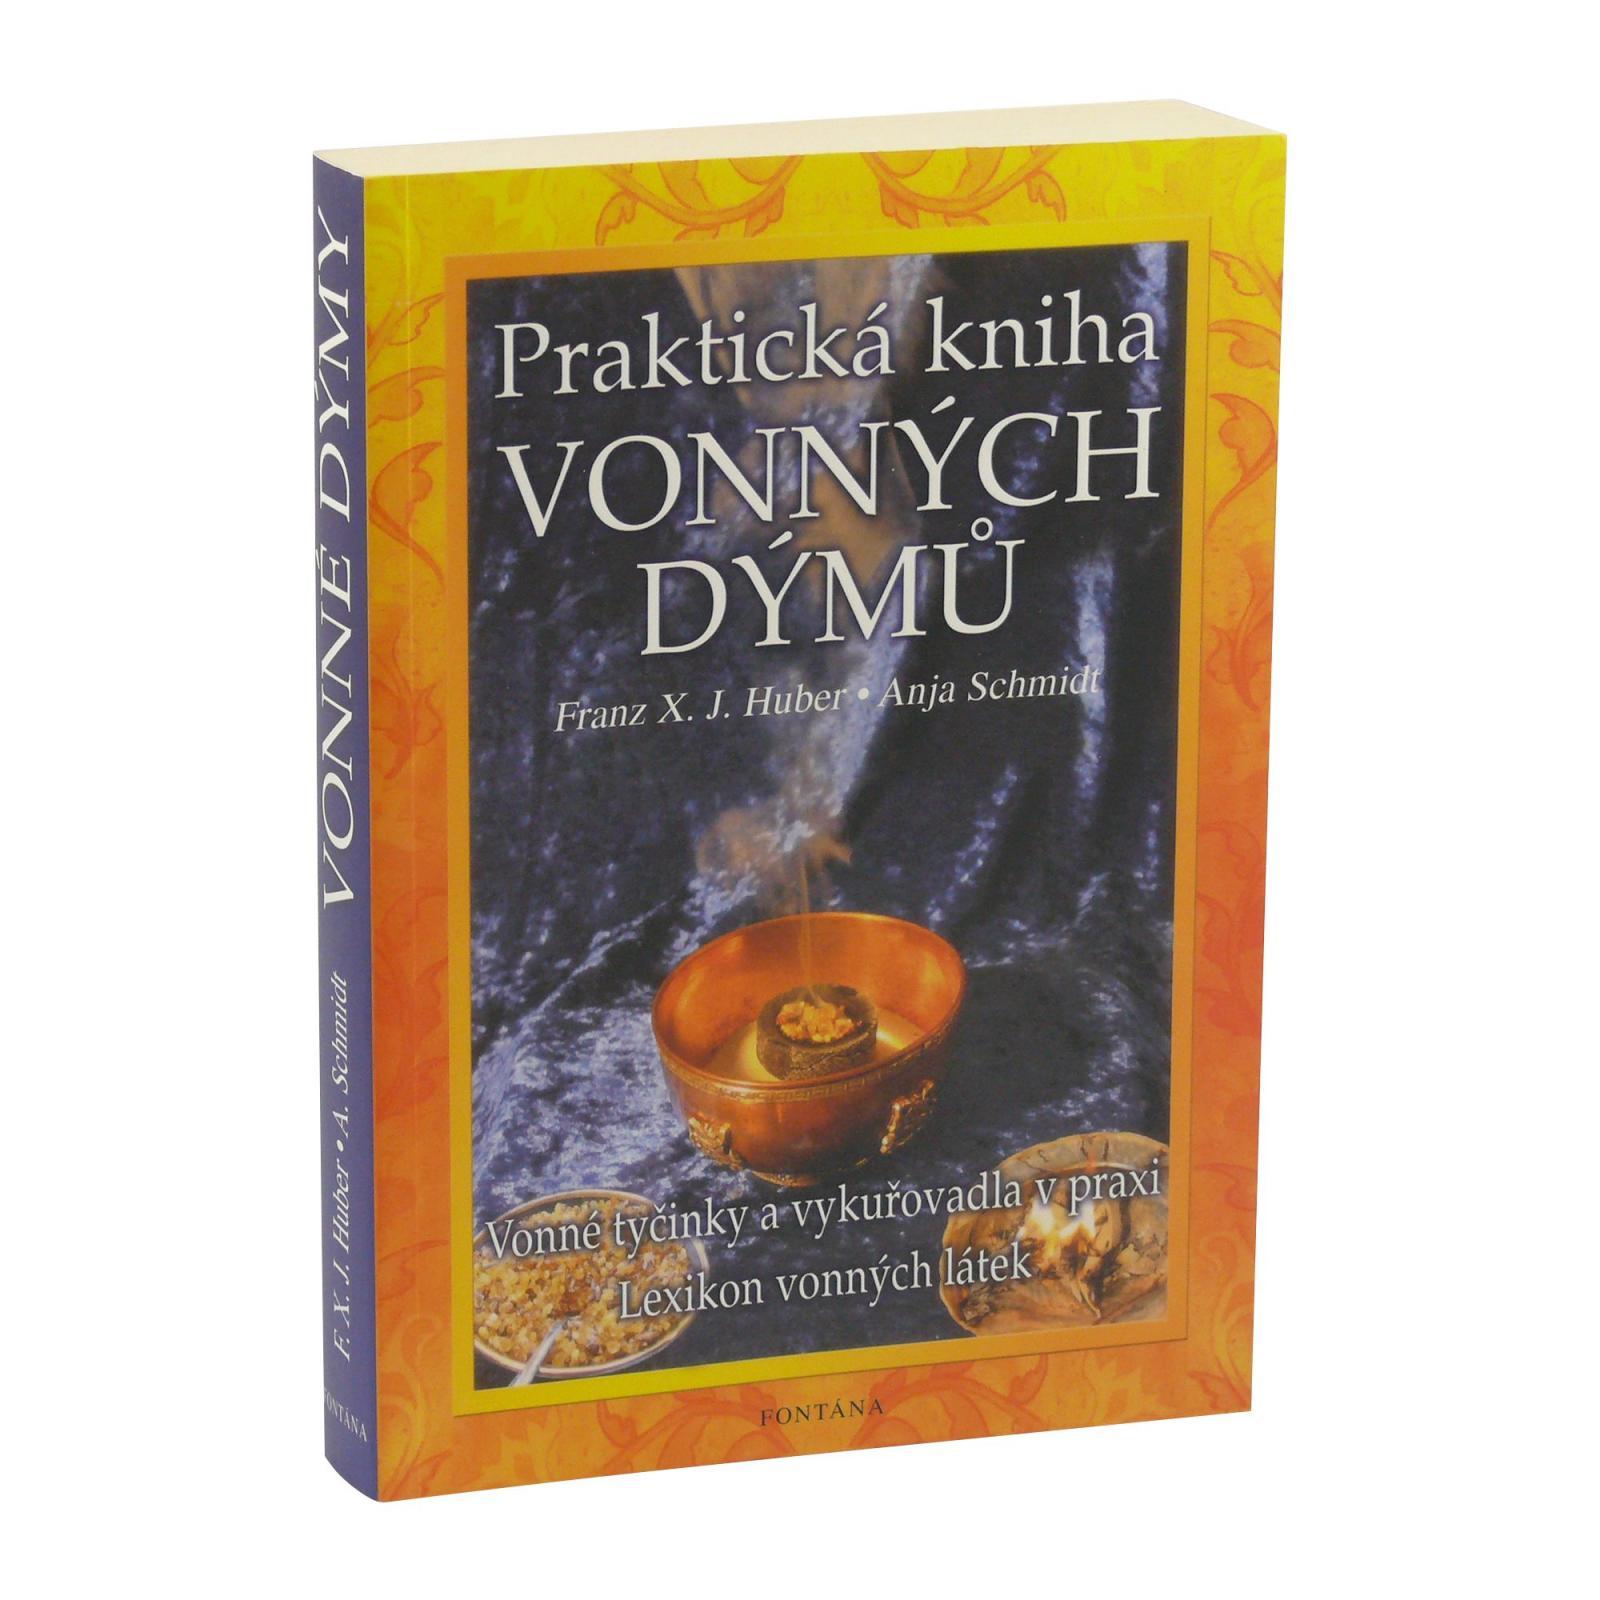 ostatní Praktická kniha vonných dýmů, Huber a Schmidt 302 stran